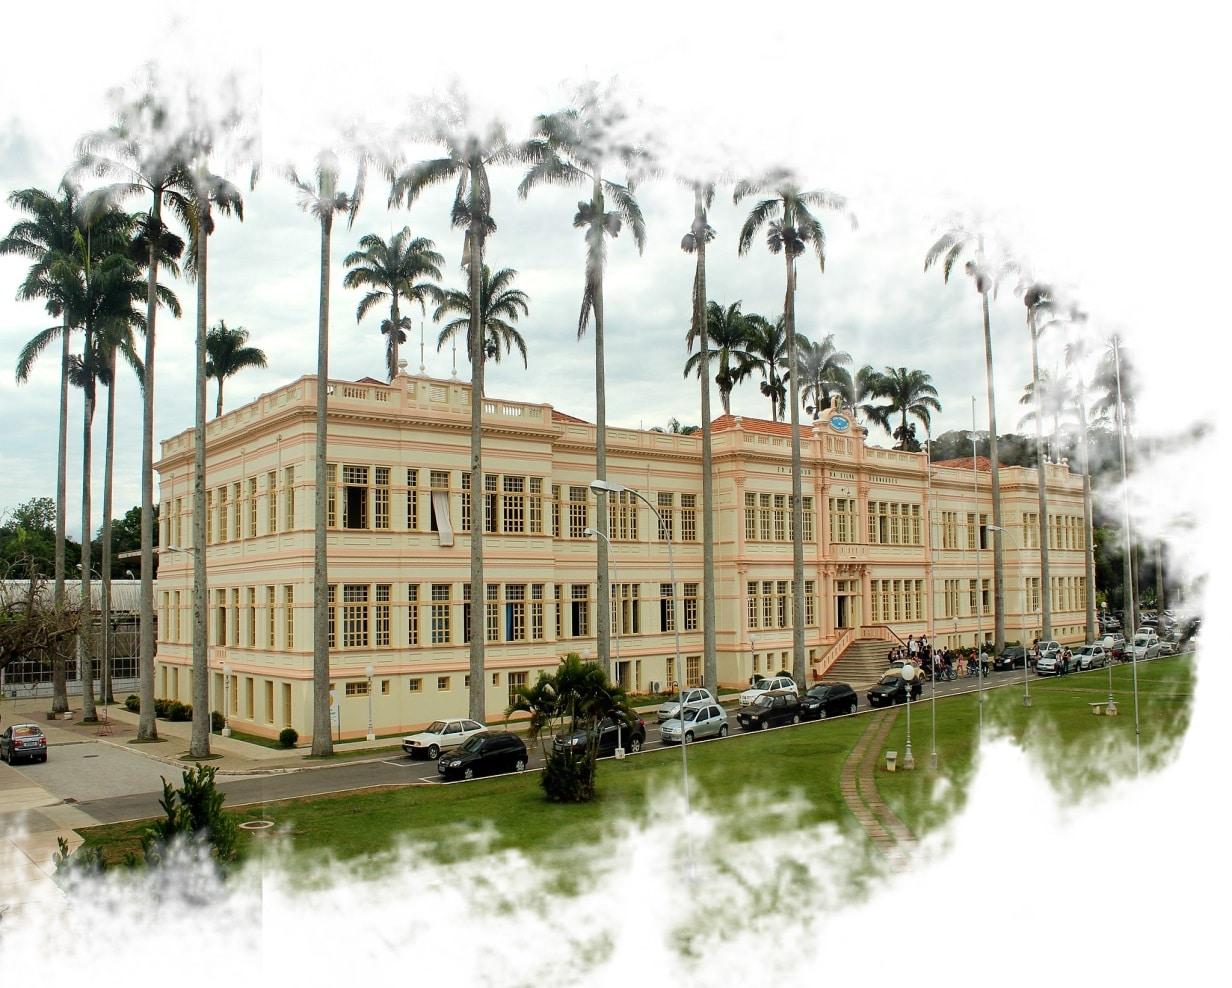 Prédio da UFV - Universidade Federal de Viçosa